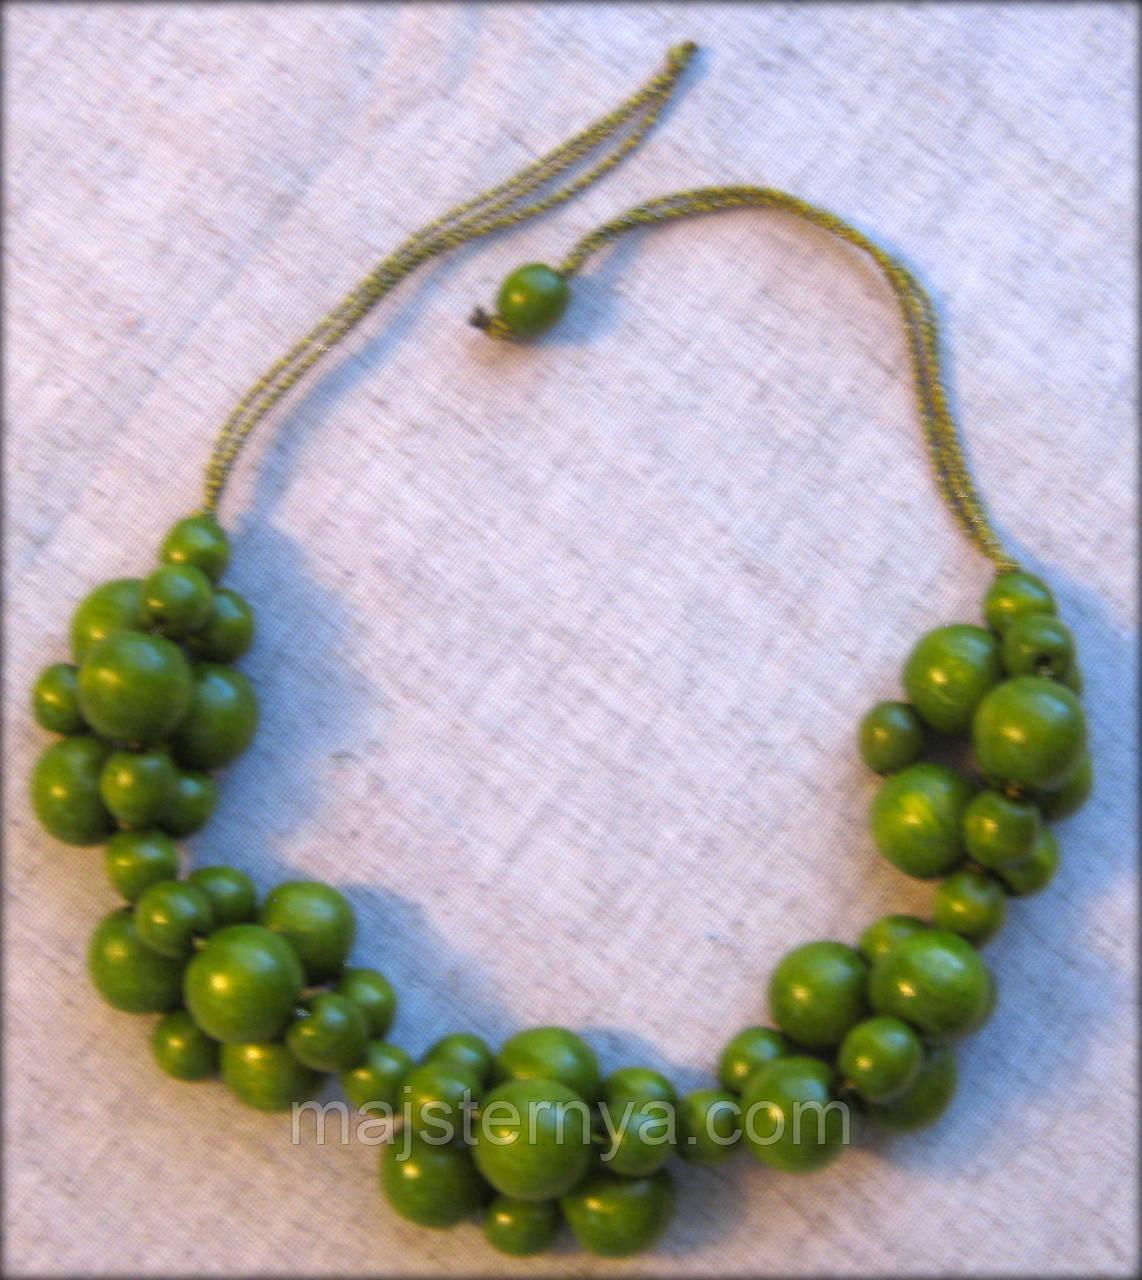 """Намисто """"Гроно Щастя"""" зелене з оливковим відтінком, з дерева, покрите лаком"""